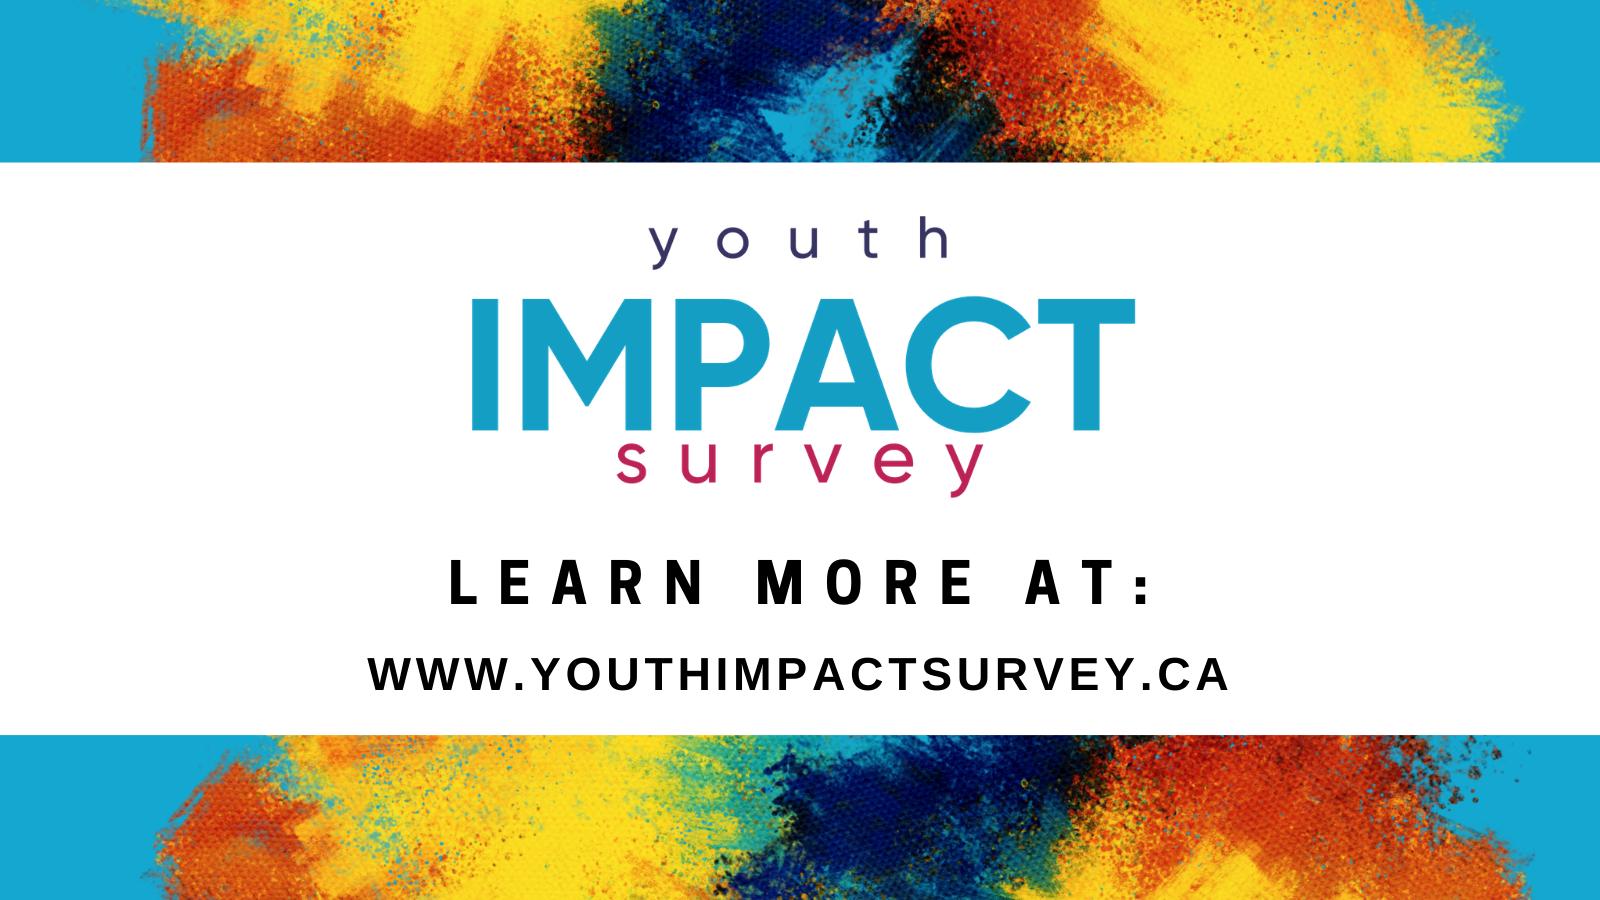 Youth Impact Survey